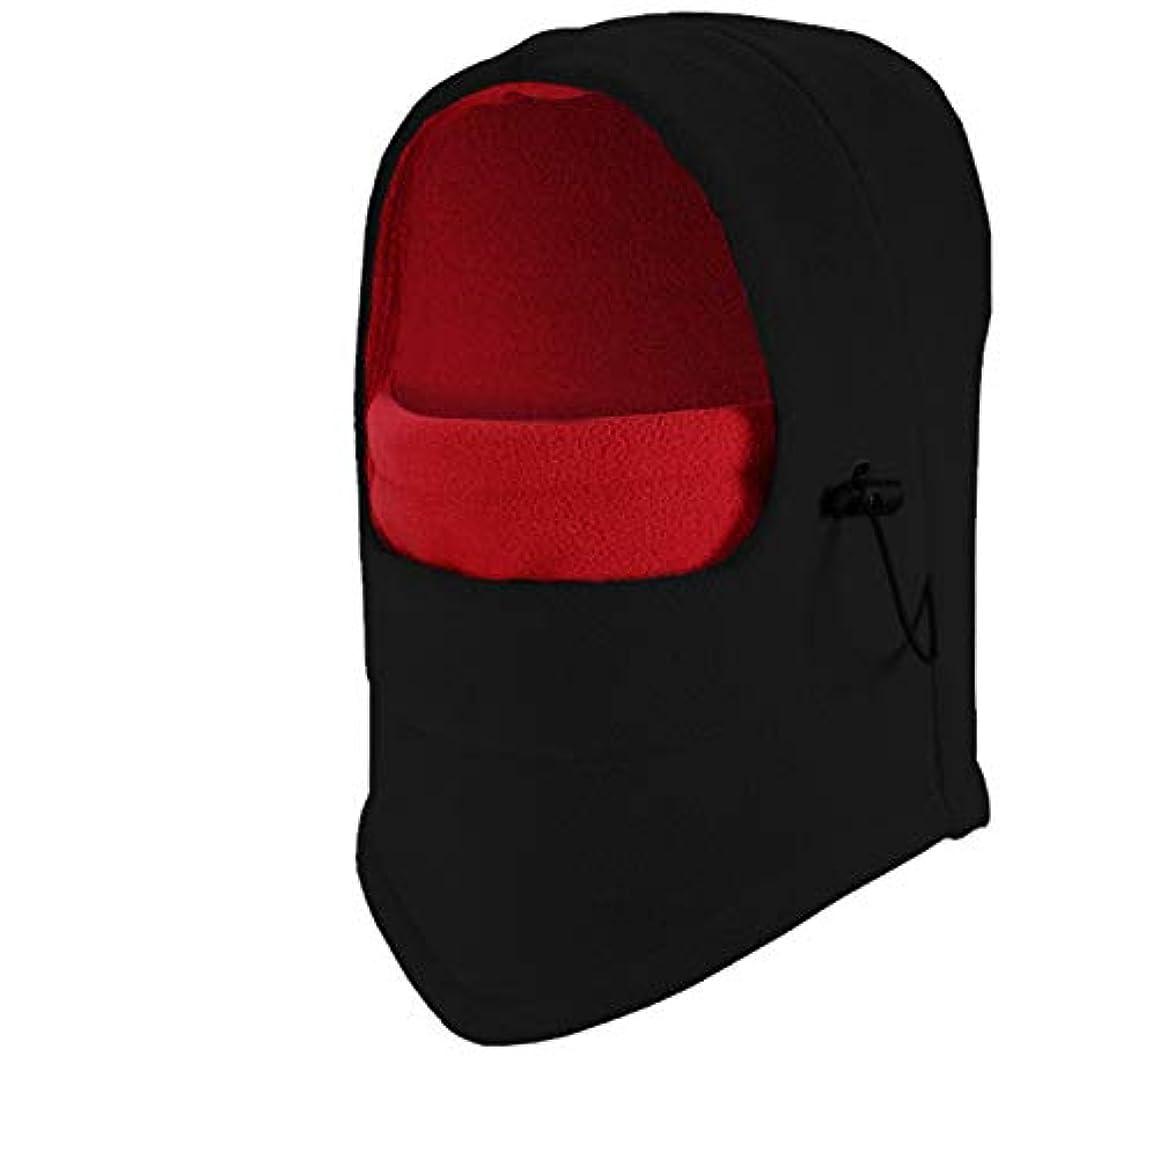 追い出す電気的ポジティブコールドマスク冬のウォームヘッドギアキャップフルフェイスフードオートバイ電気自動車防風冷たい男性マスク顔機器ライディング仮面,黒